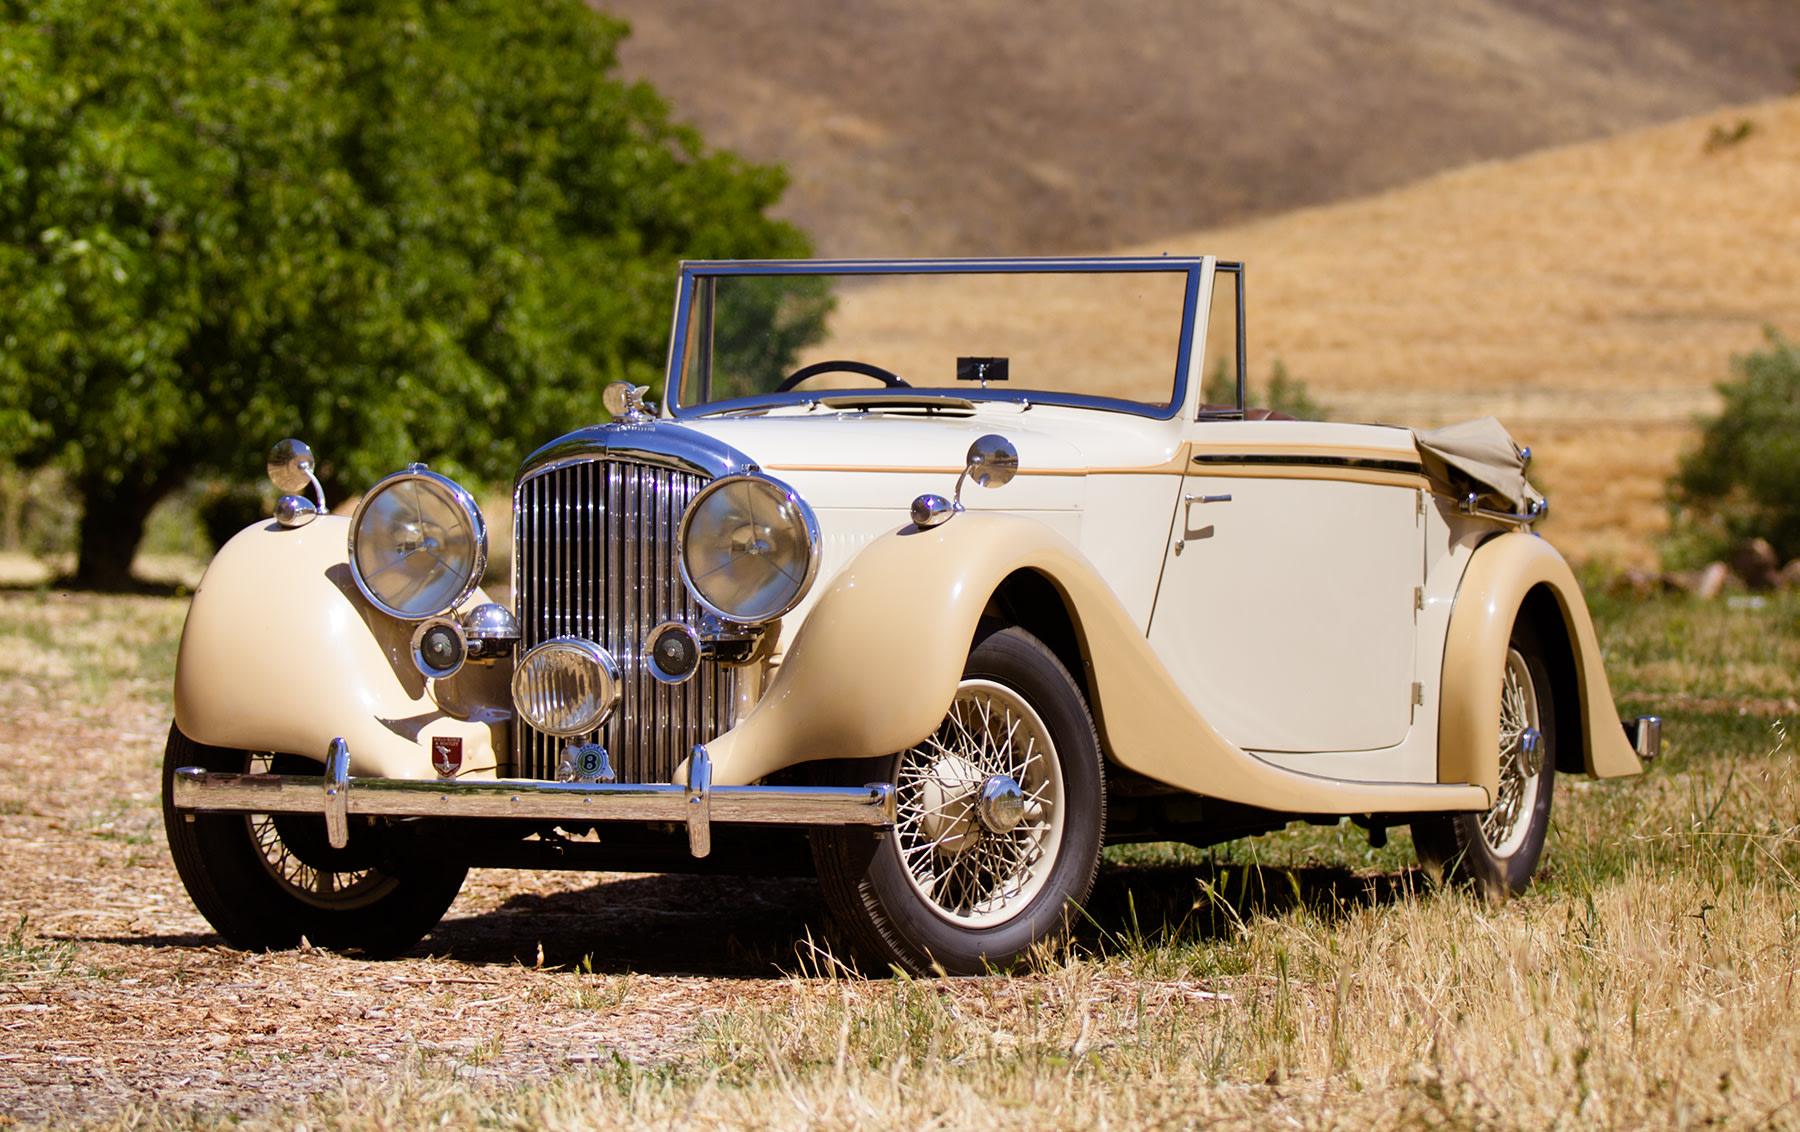 1938 Bentley 4 1/4 Litre Drop Head Coupe